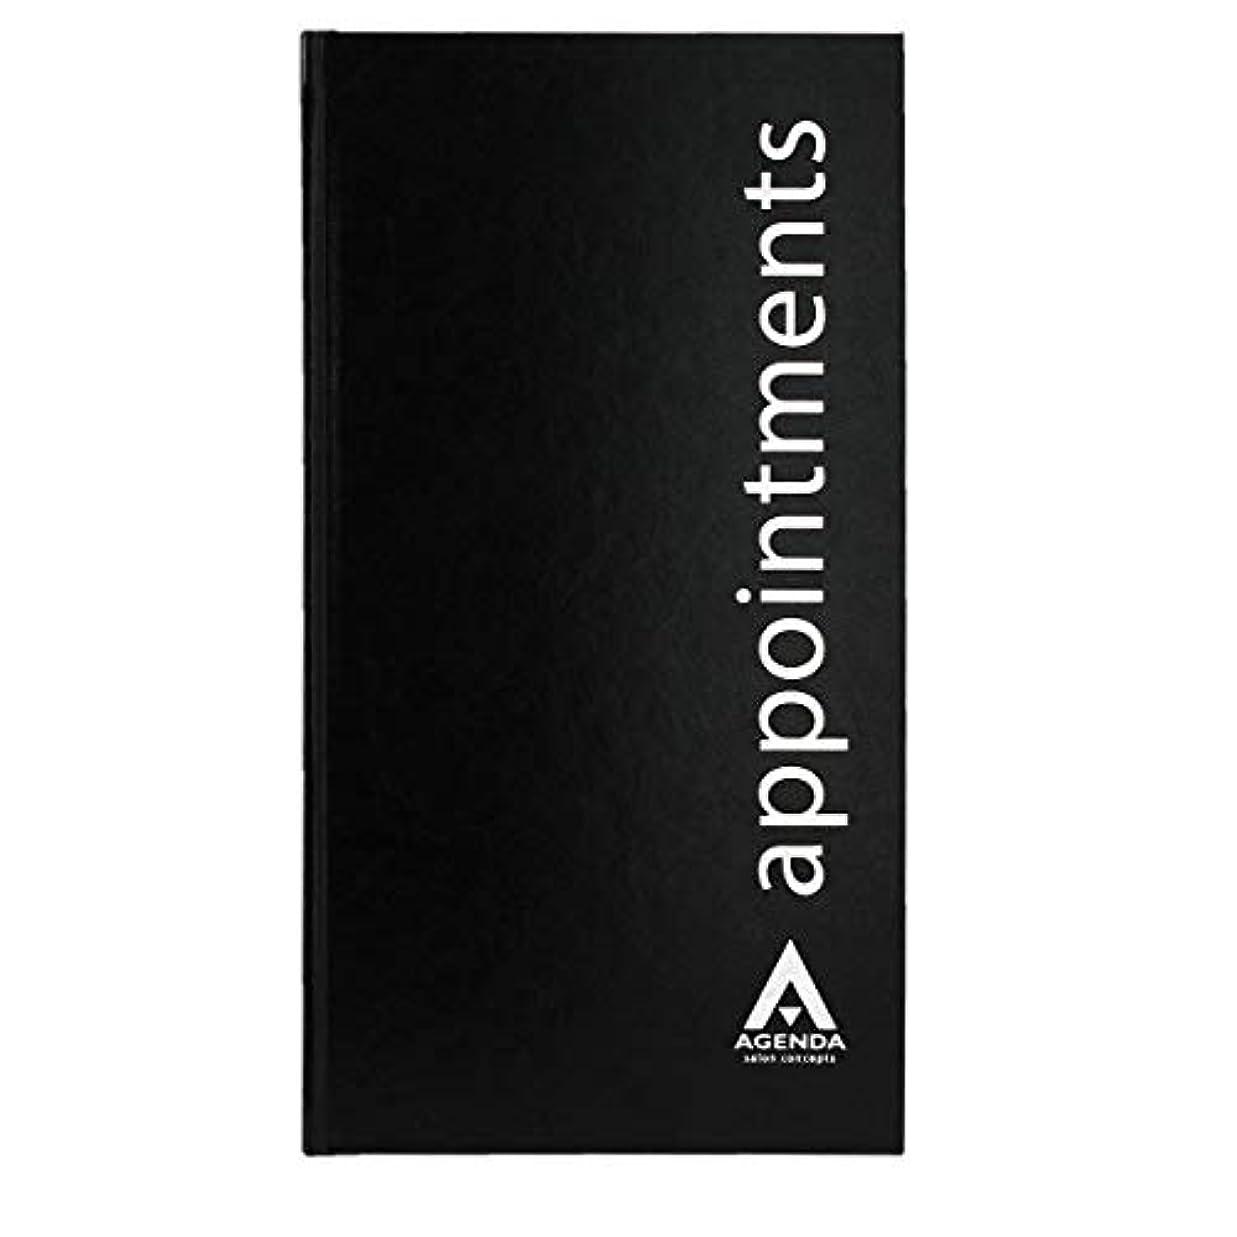 アジェンダ サロンコンセプト 美容アポイントメントブック3アシスタントブラック[海外直送品] [並行輸入品]